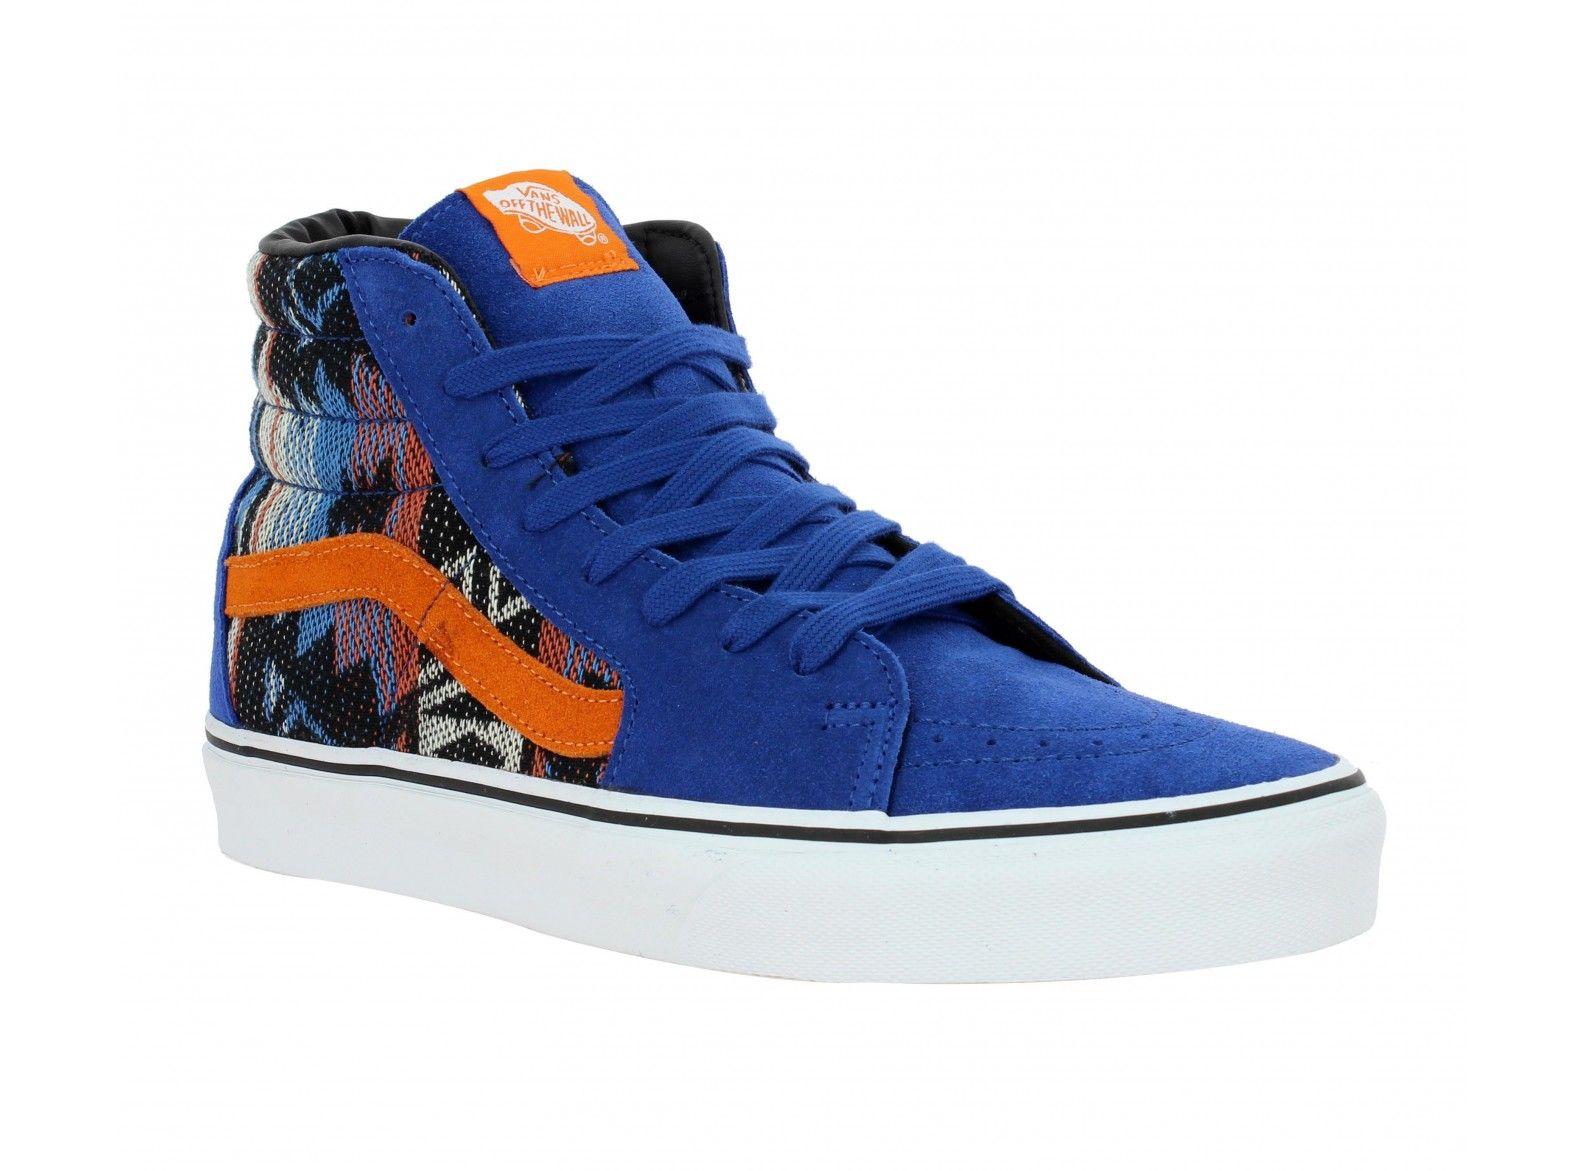 02a8746d008 VANS SK8 Hi velours + toile Homme Bleu + Inca